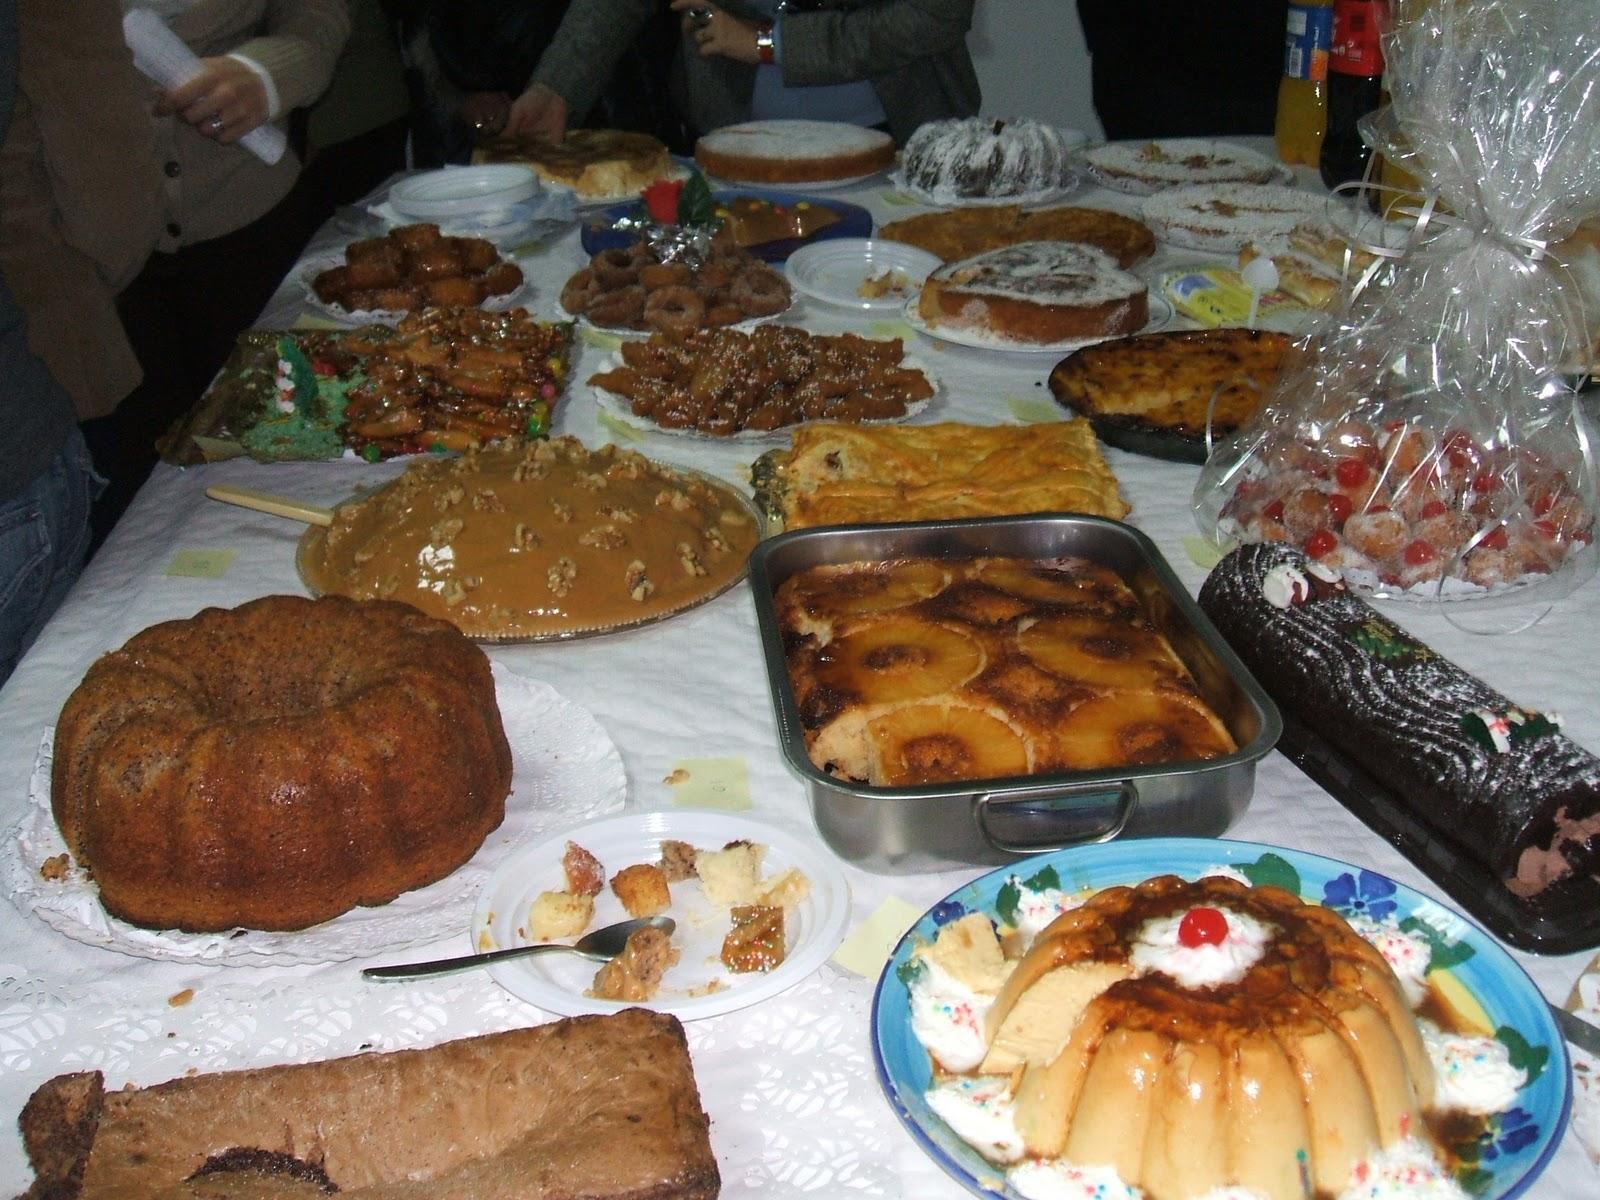 Chiclana voluntaria concurso de dulces navide os - Centros navidenos caseros ...